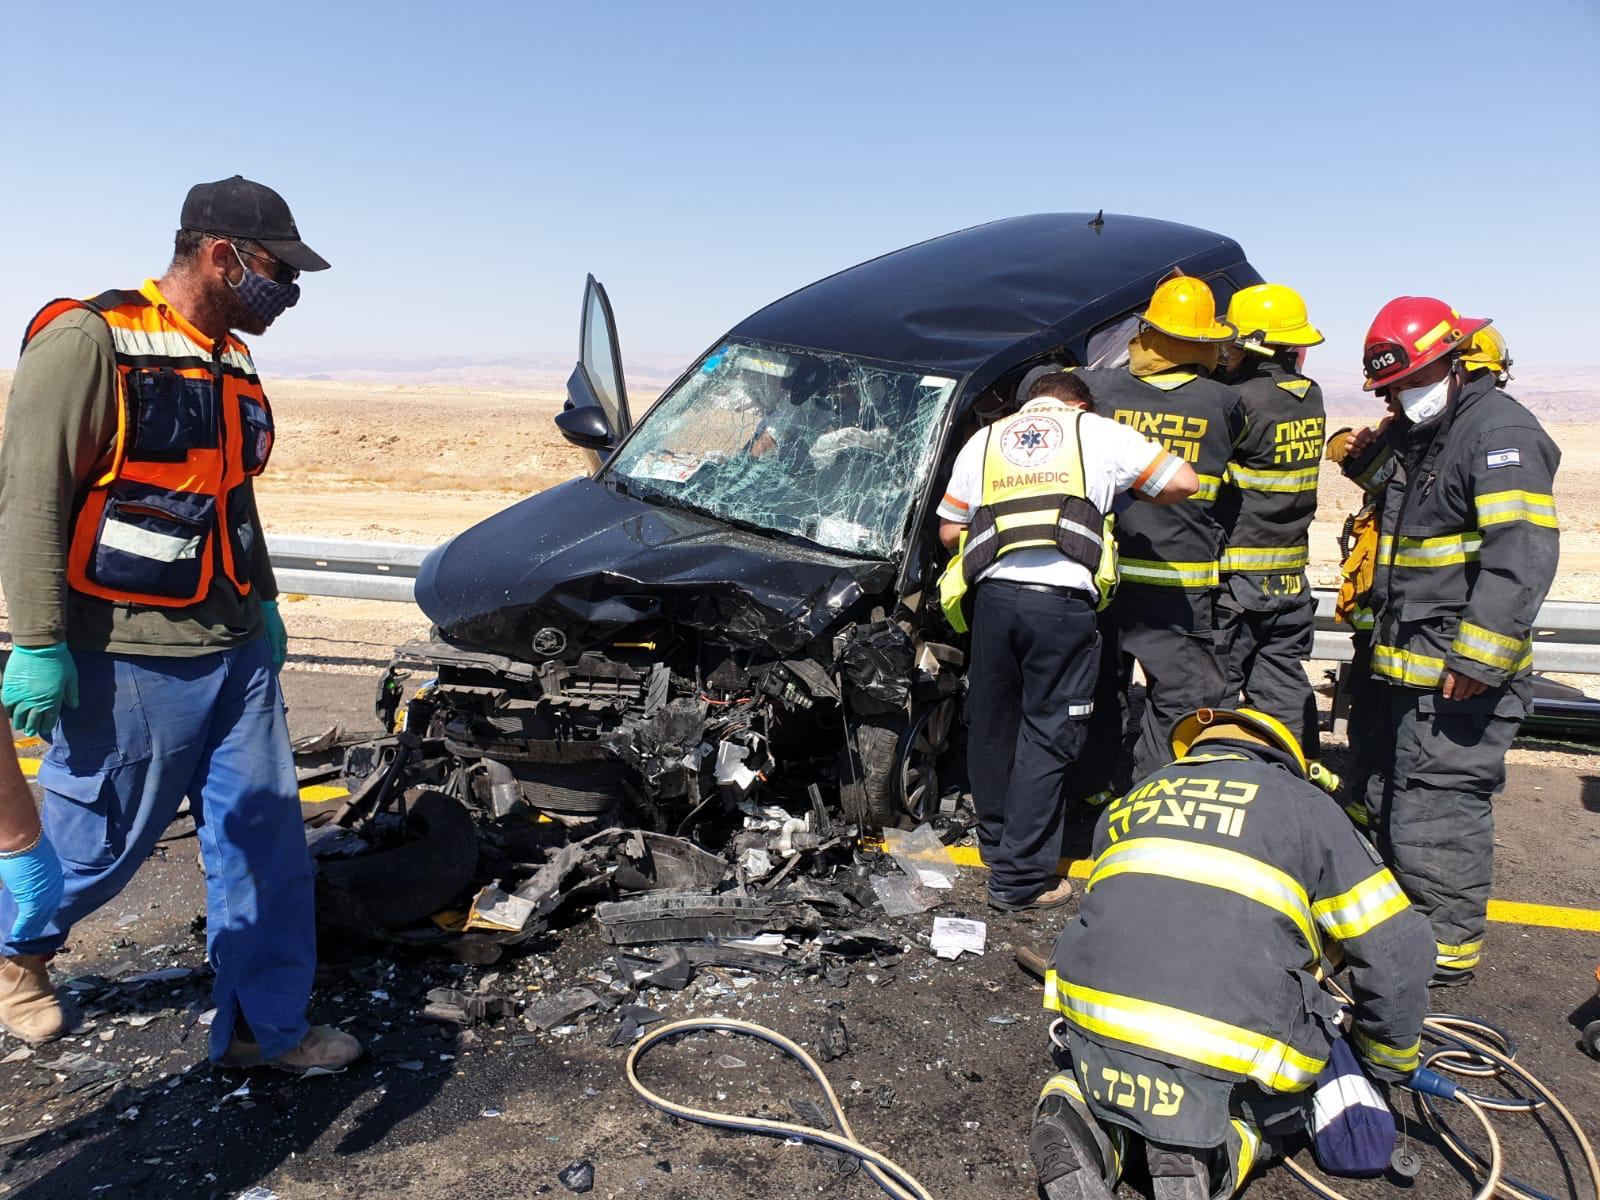 איזו היא השעה המועדת ביותר לתאונות דרכים באילת? יש לכך תשובה מוסמכת